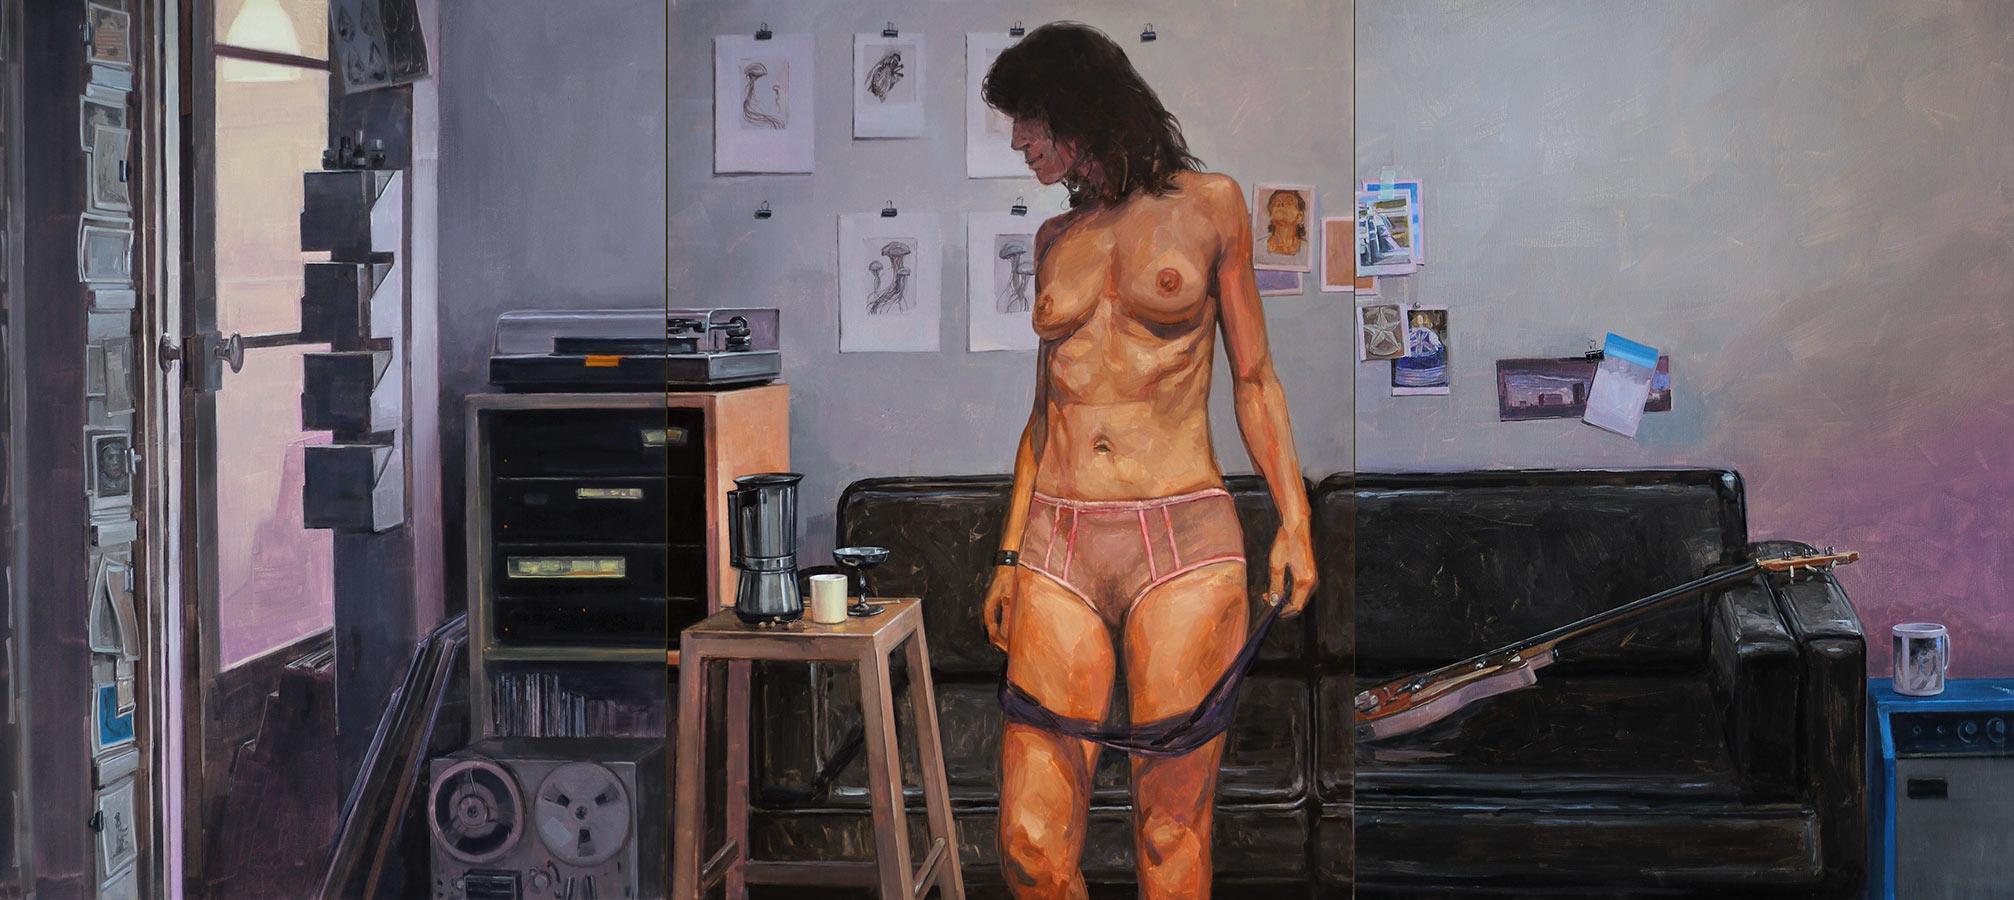 Les désordres 2. Triptyques, huile sur toile, 130 x 97 cm